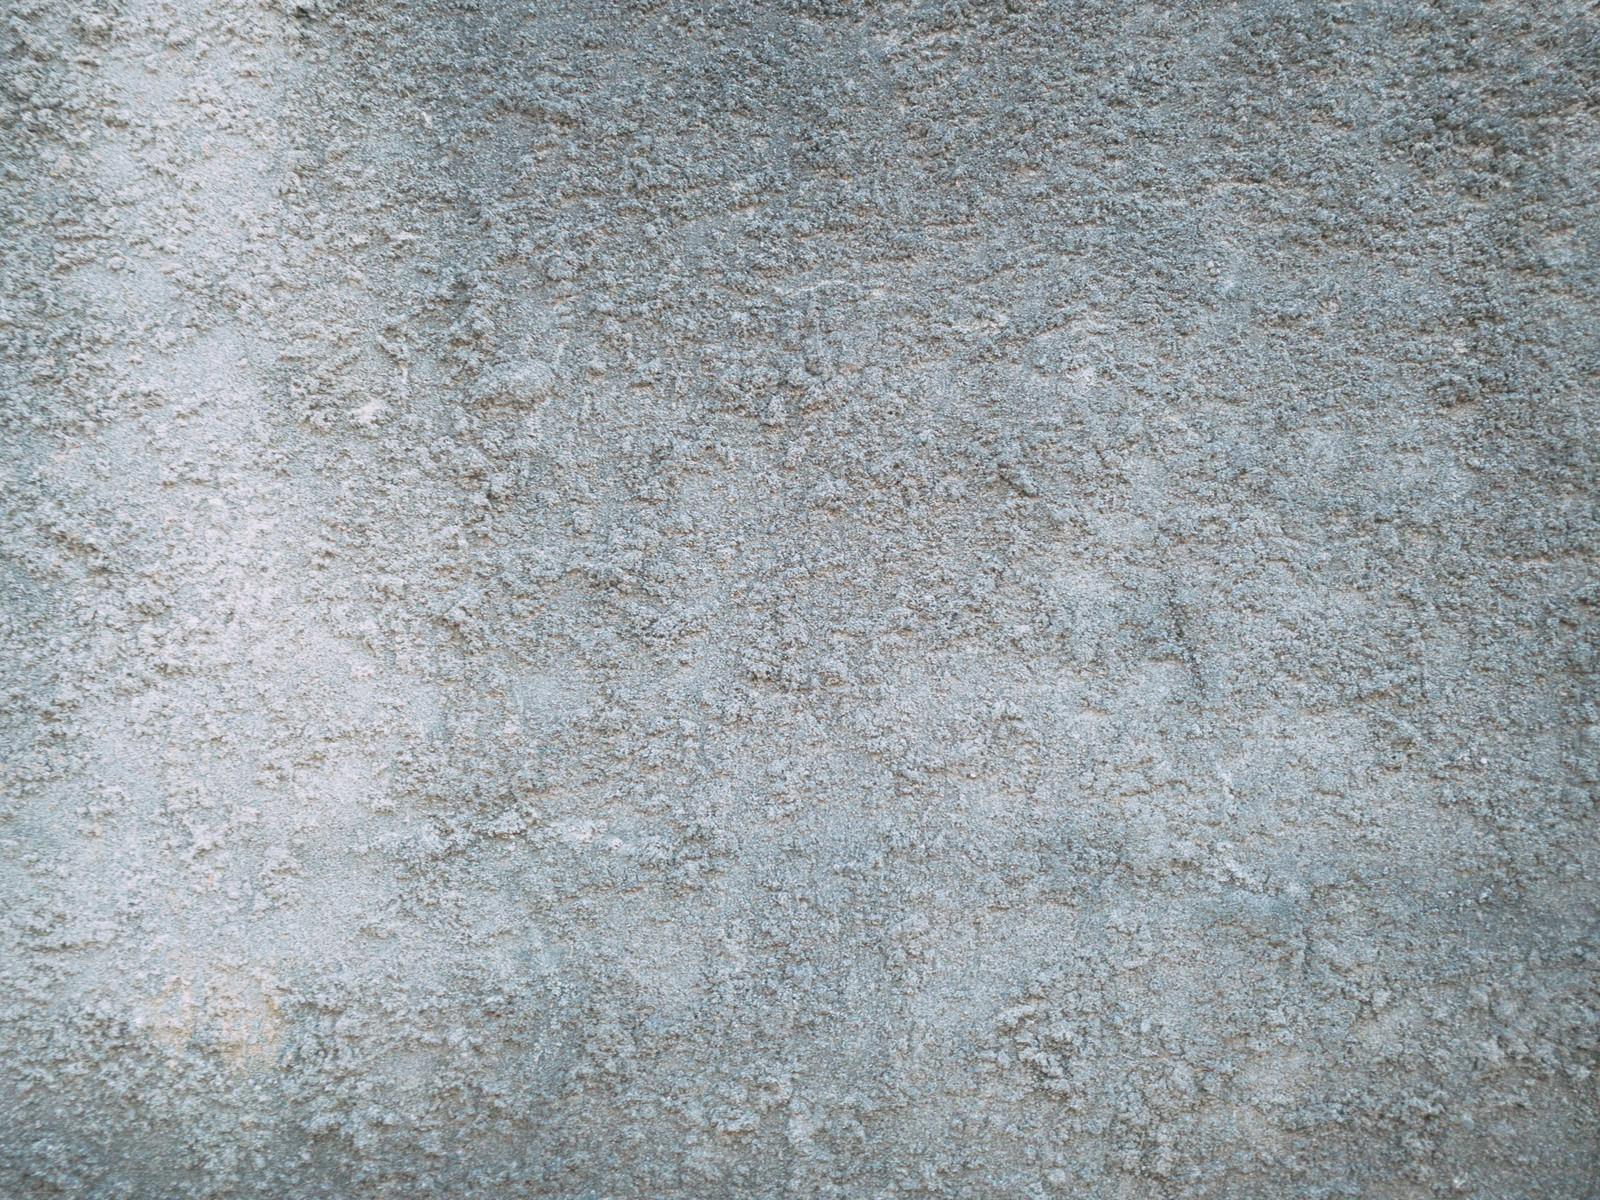 「エフロ発生のモルタル壁」の写真